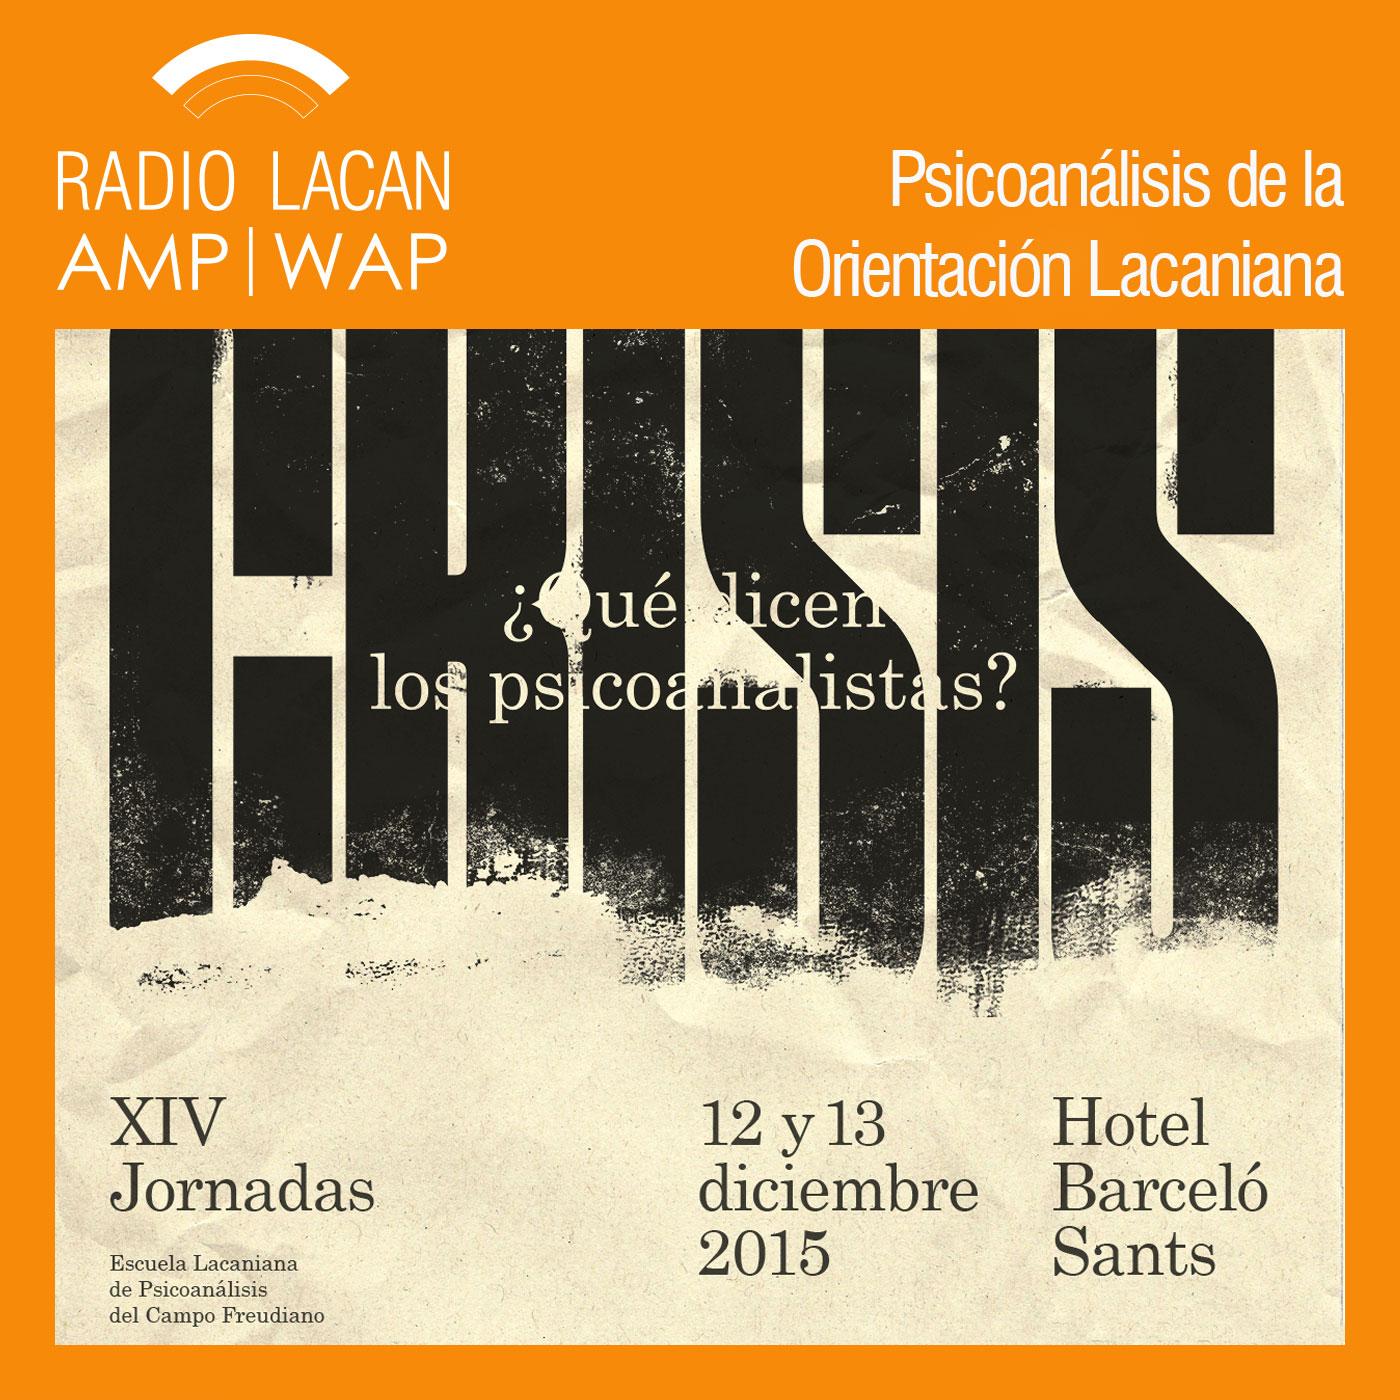 RadioLacan.com | <![CDATA[Ecos de Barcelona: XIVº Jornadas de la ELP. Crisis, ¿qué dicen los psicoanalistas?]]>